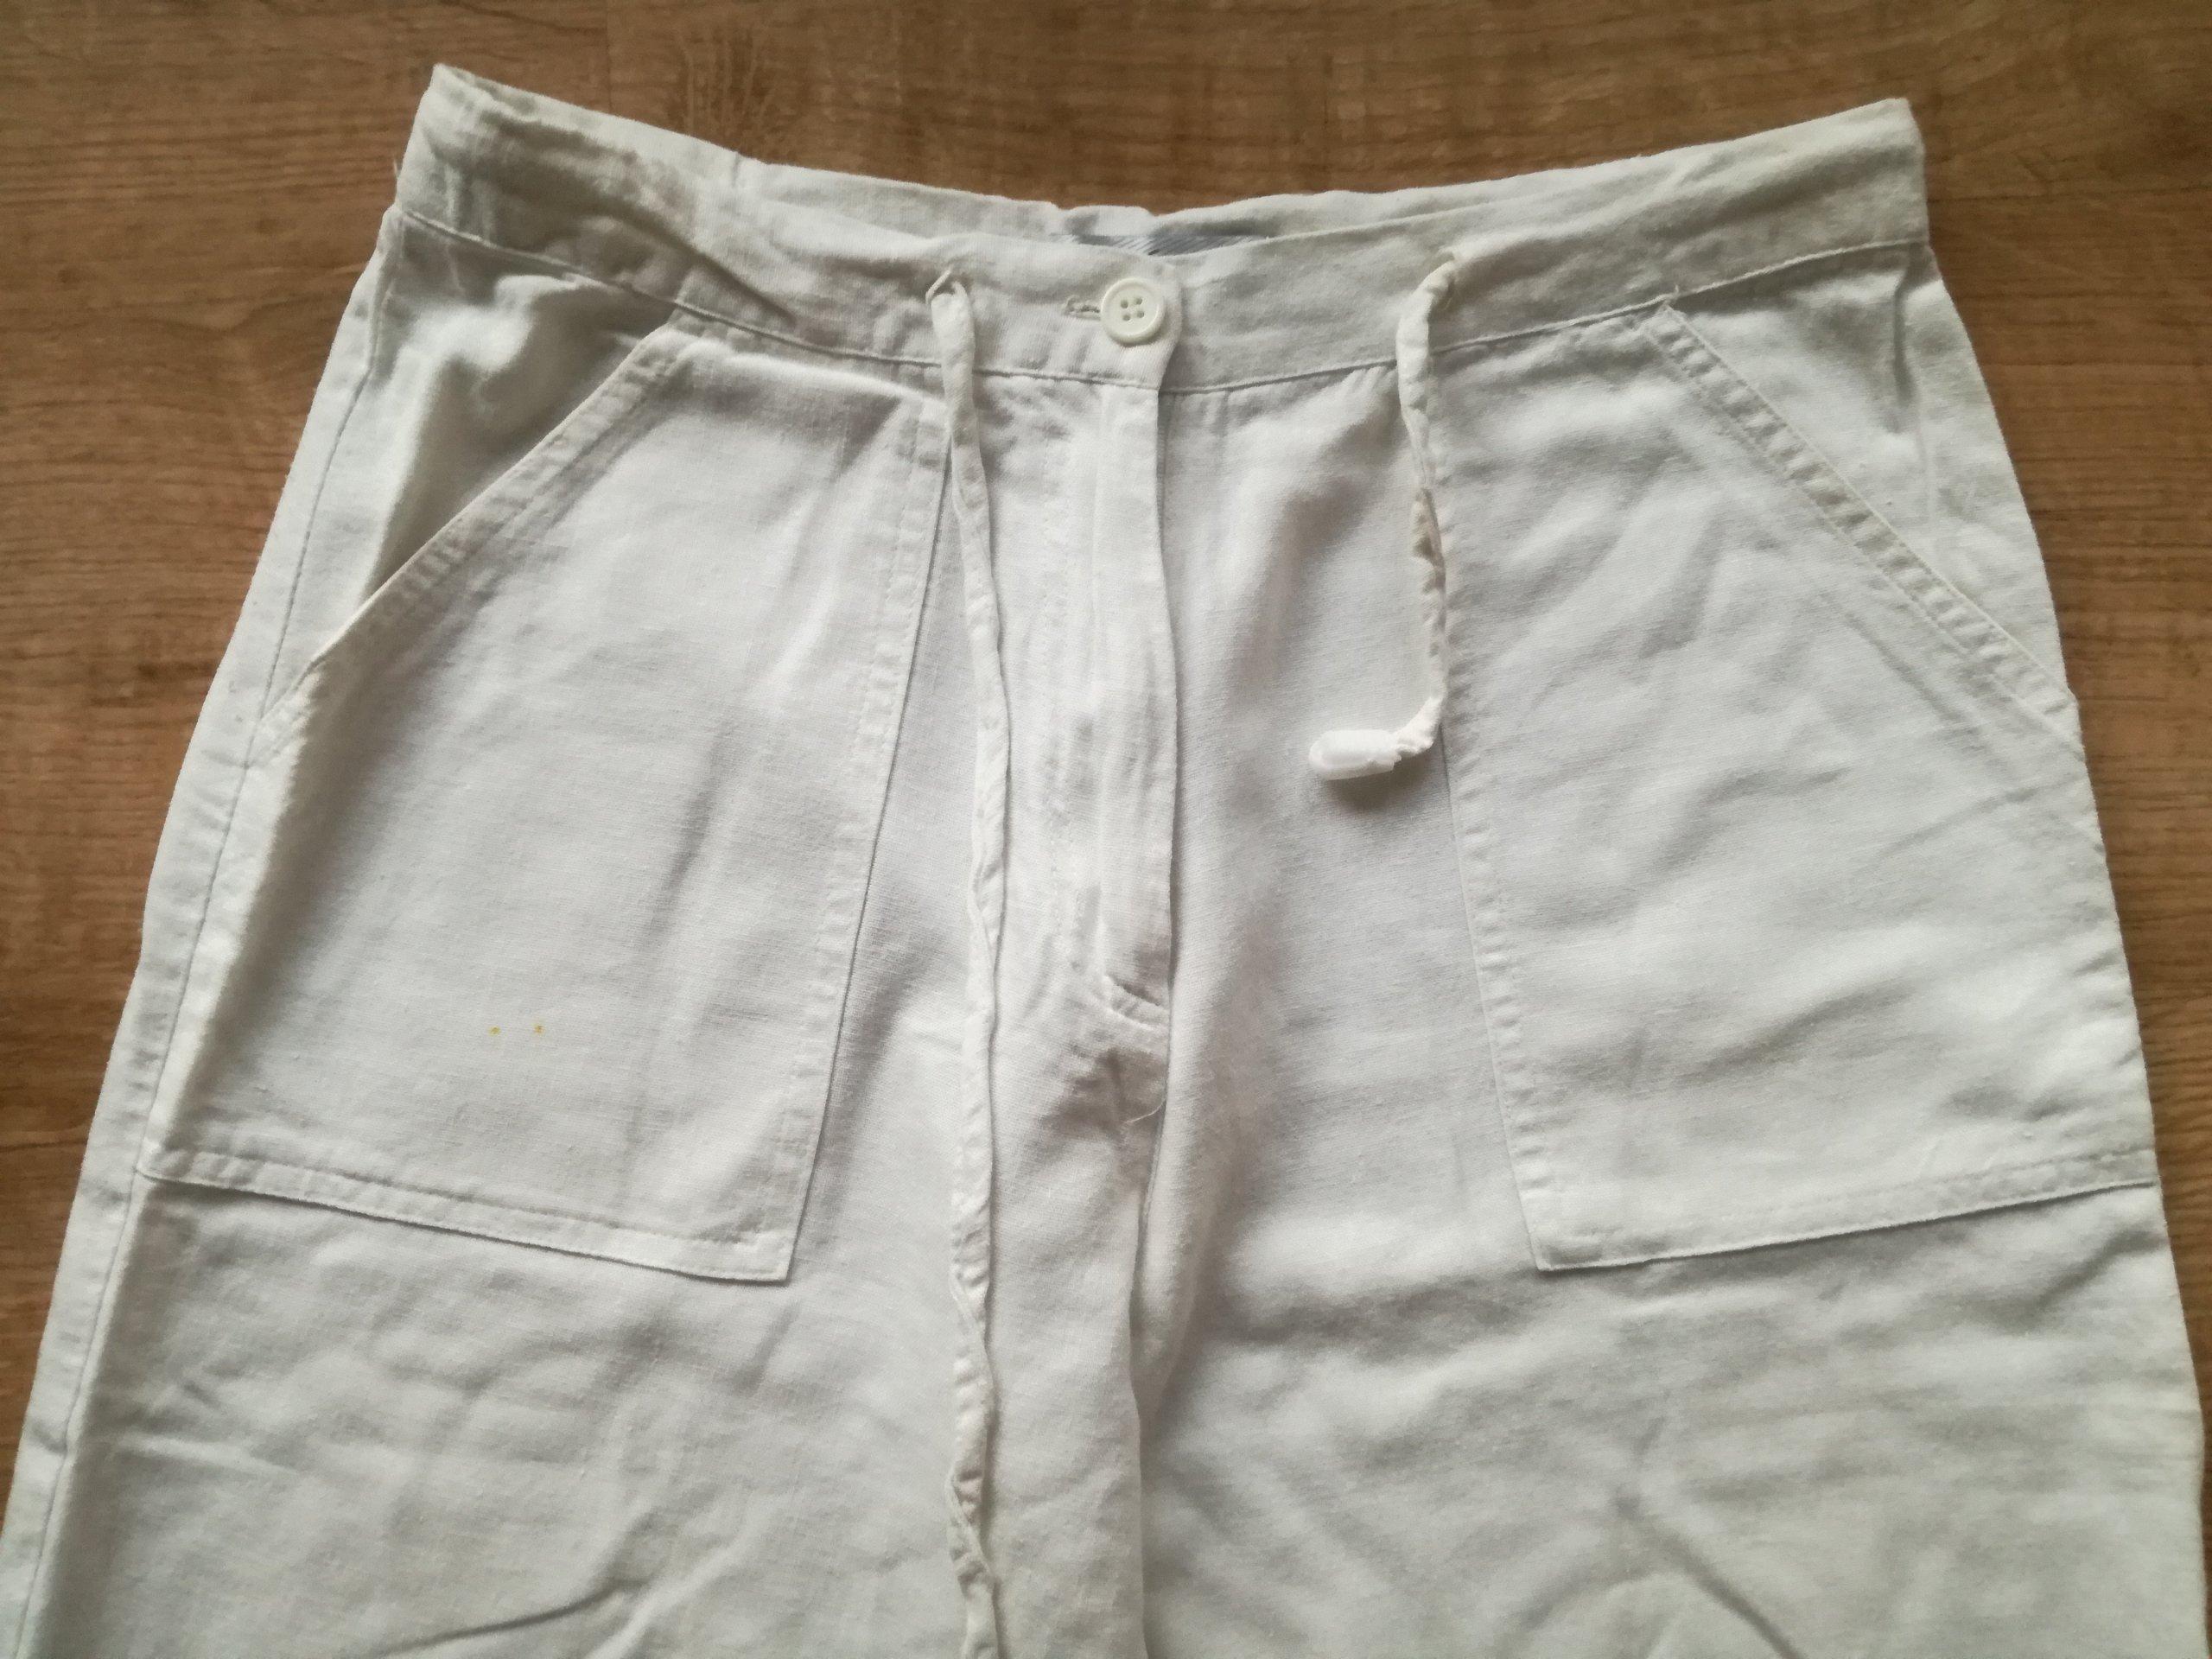 ee52ccfaa9 BIAŁE spodnie LNIANE len lato KRAKÓW - 7307178920 - oficjalne ...